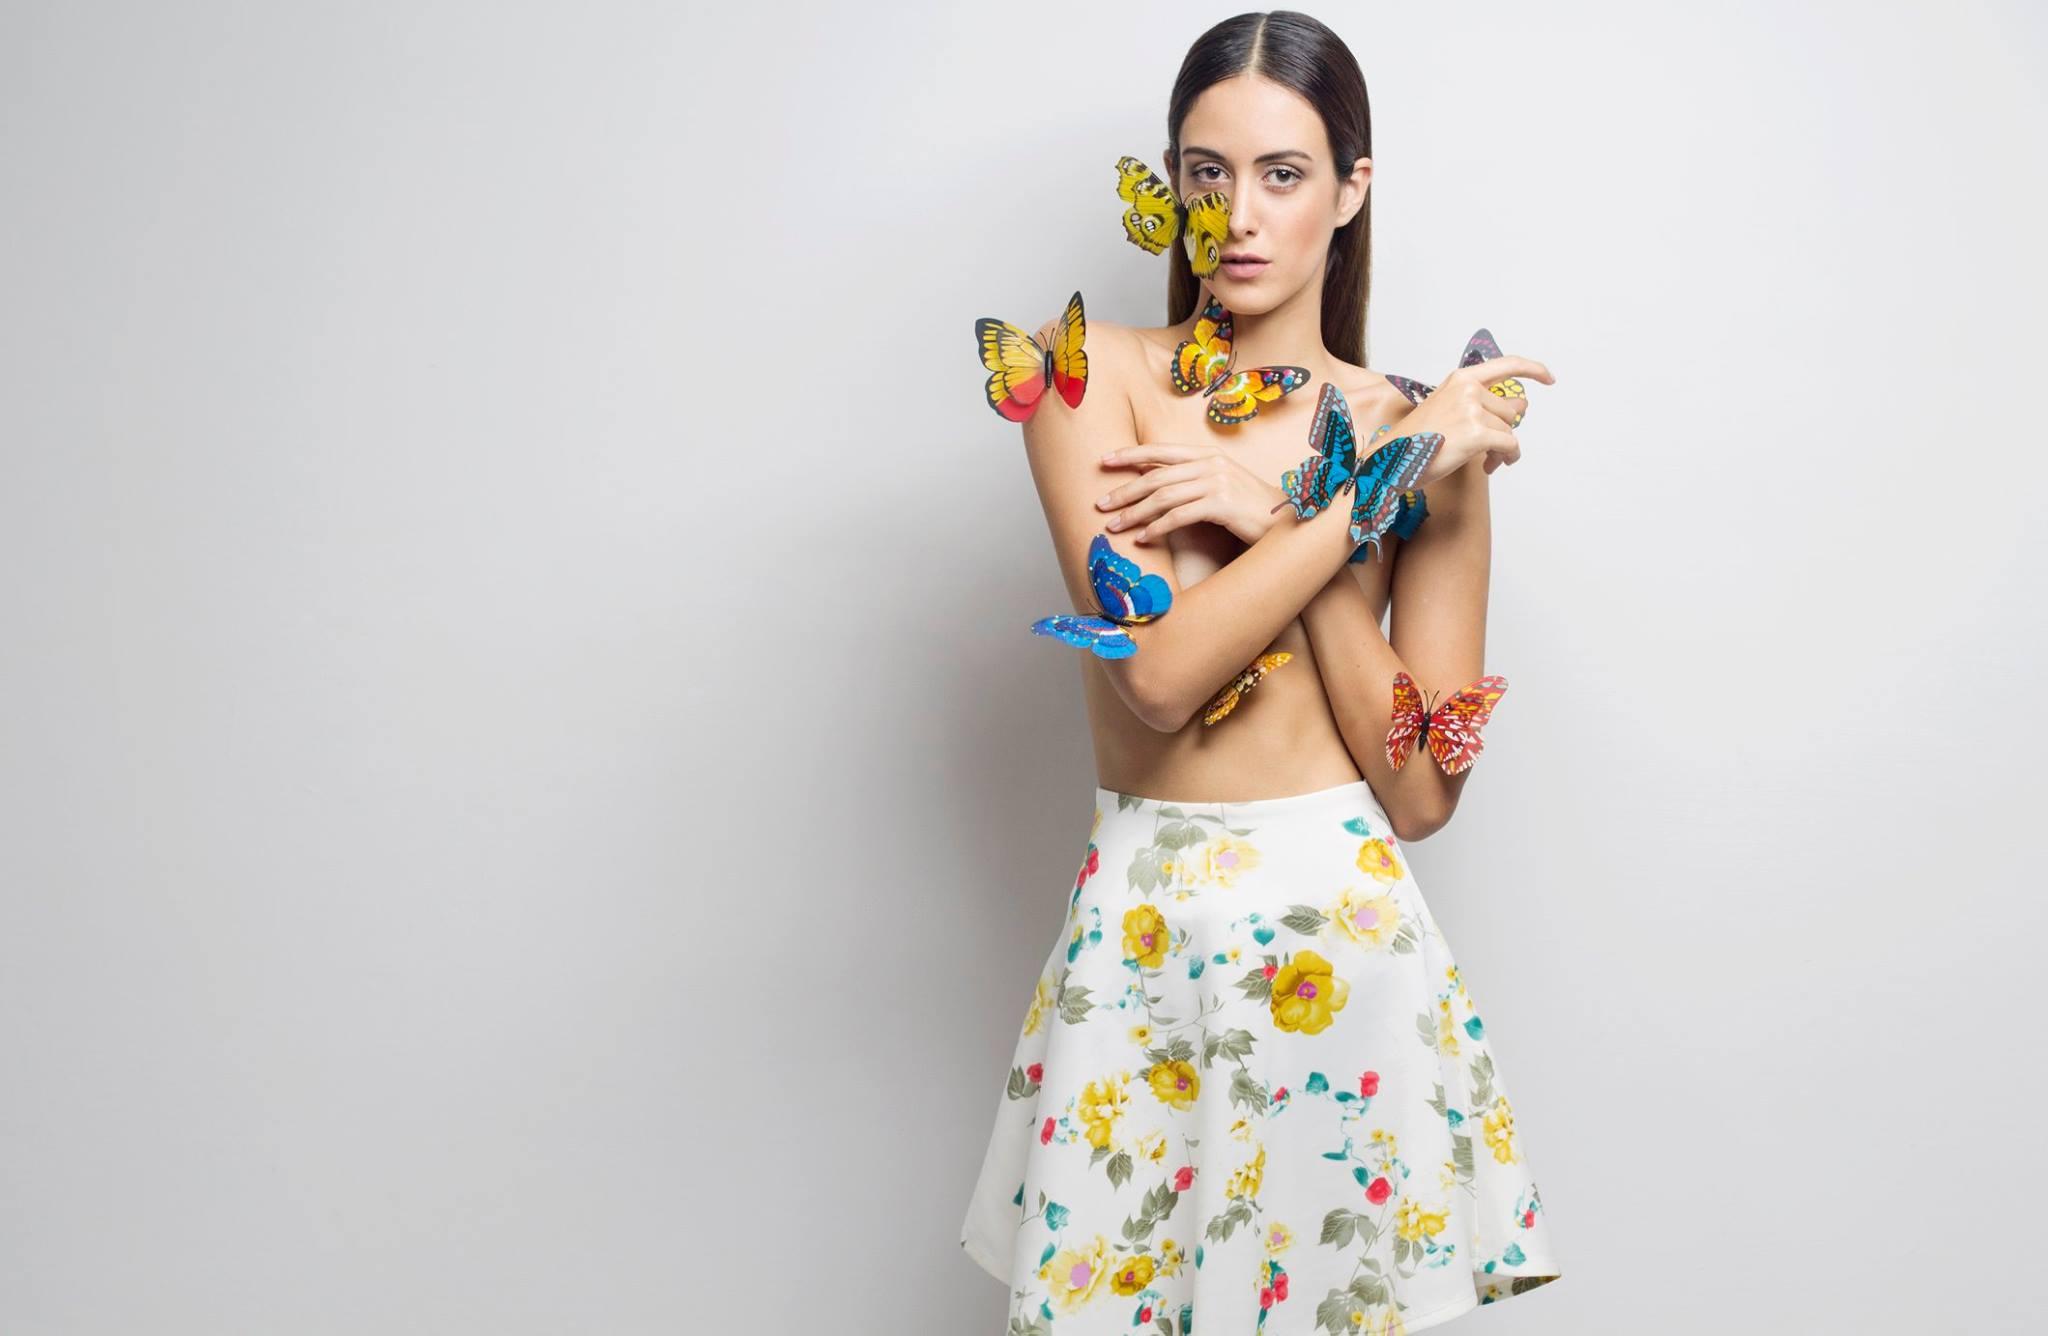 solange hermoza, finalista de miss teenager 2014, miss la liberta peru 2020. 27021110